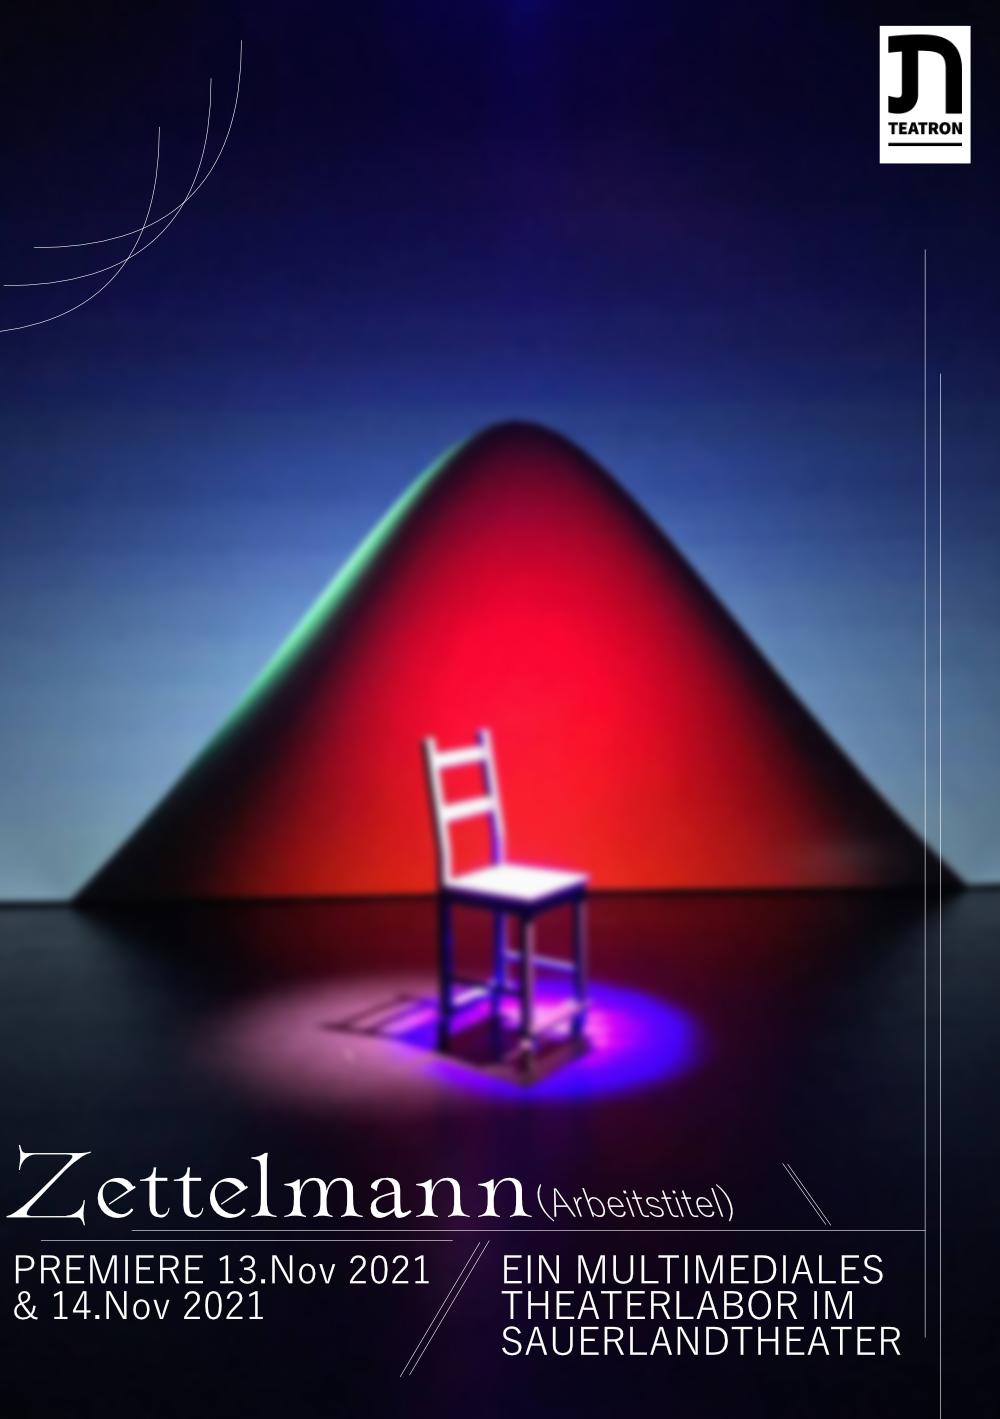 Zettelmann Ankündigung